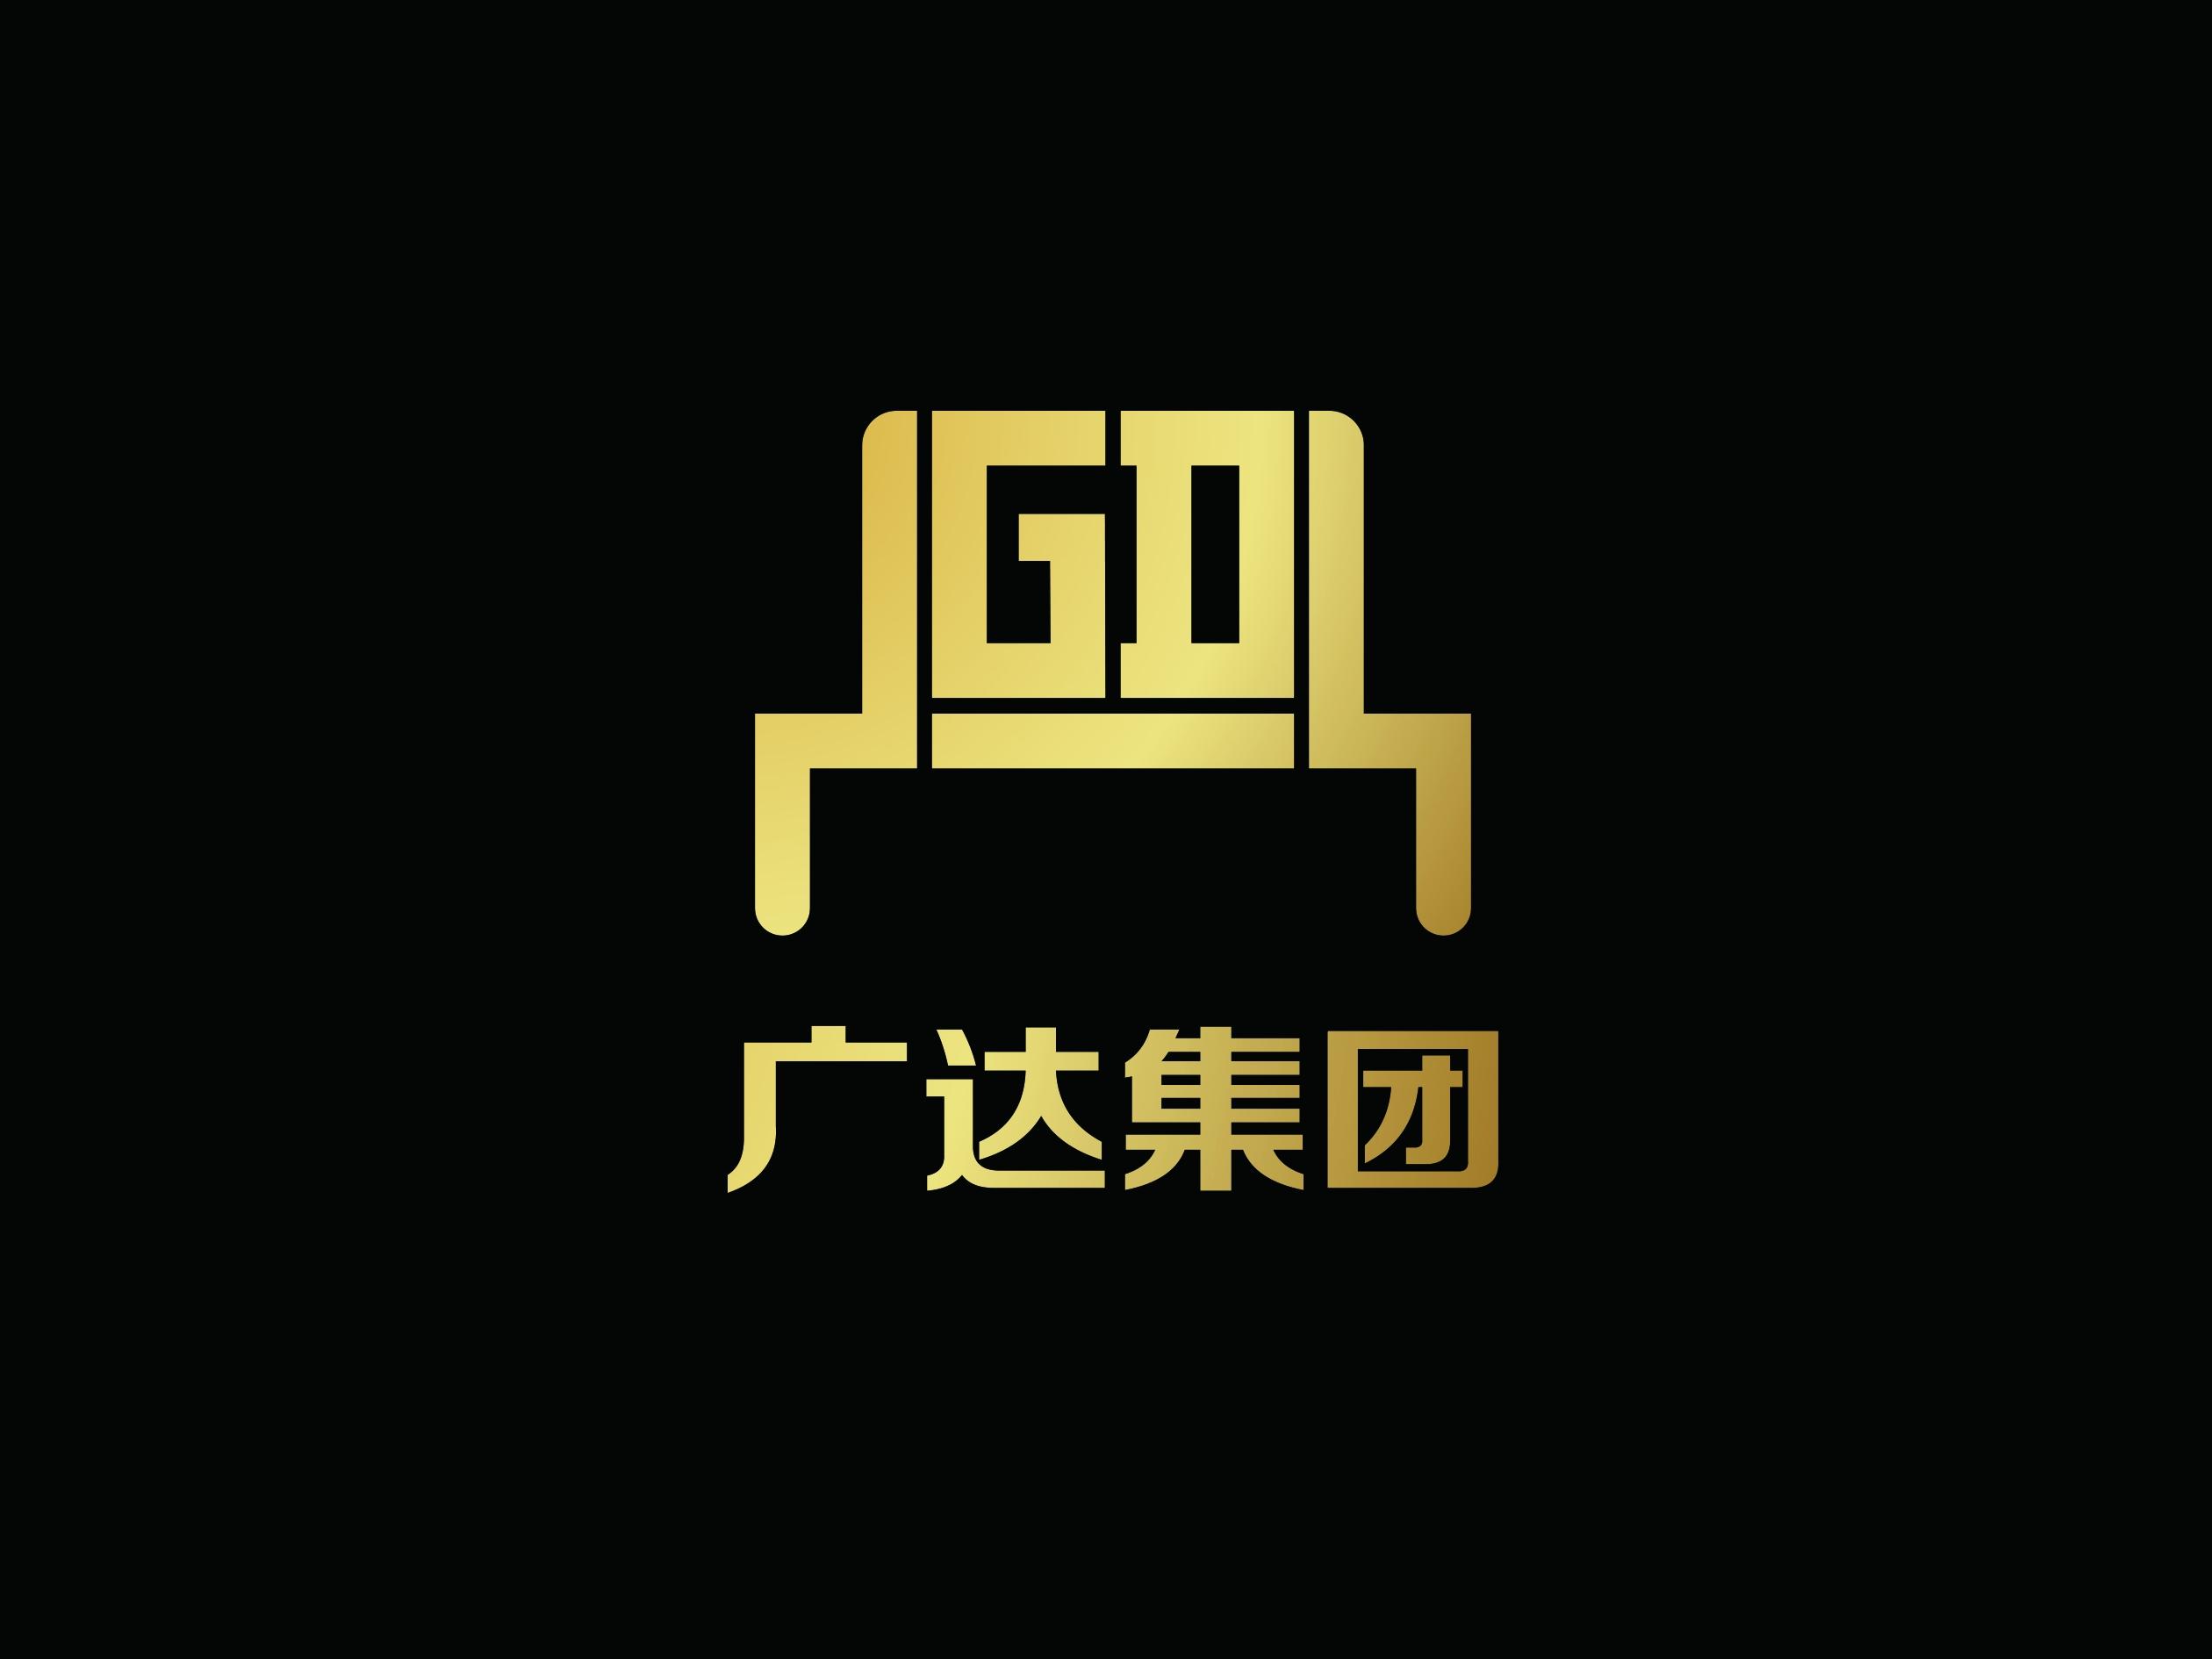 广东广达建设集团有限公司